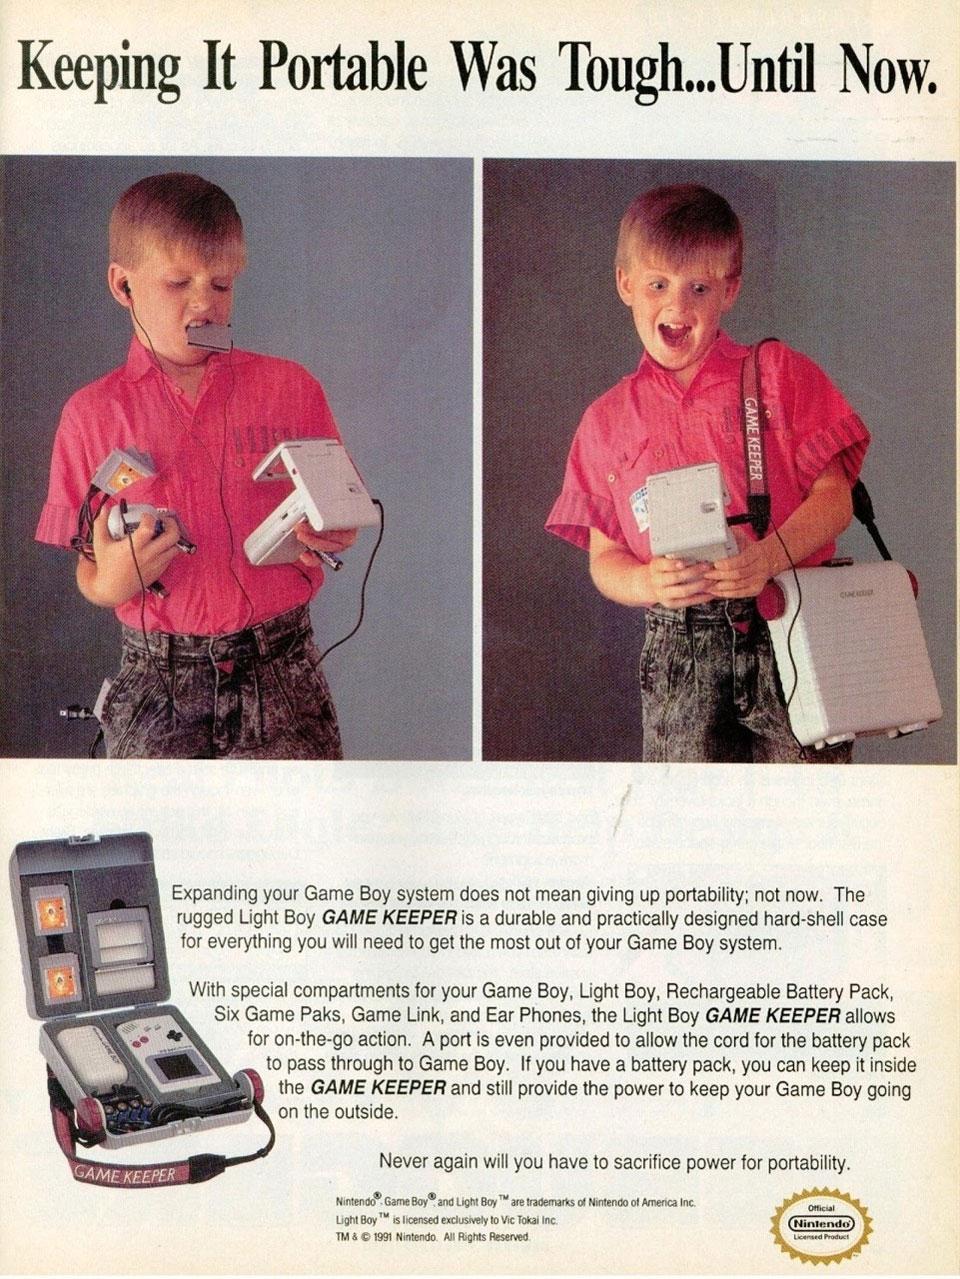 Как в 1992 году представляли носимые устройства будущего? Экскурс в мир гаджетов 1992 и 2003 годов - 7